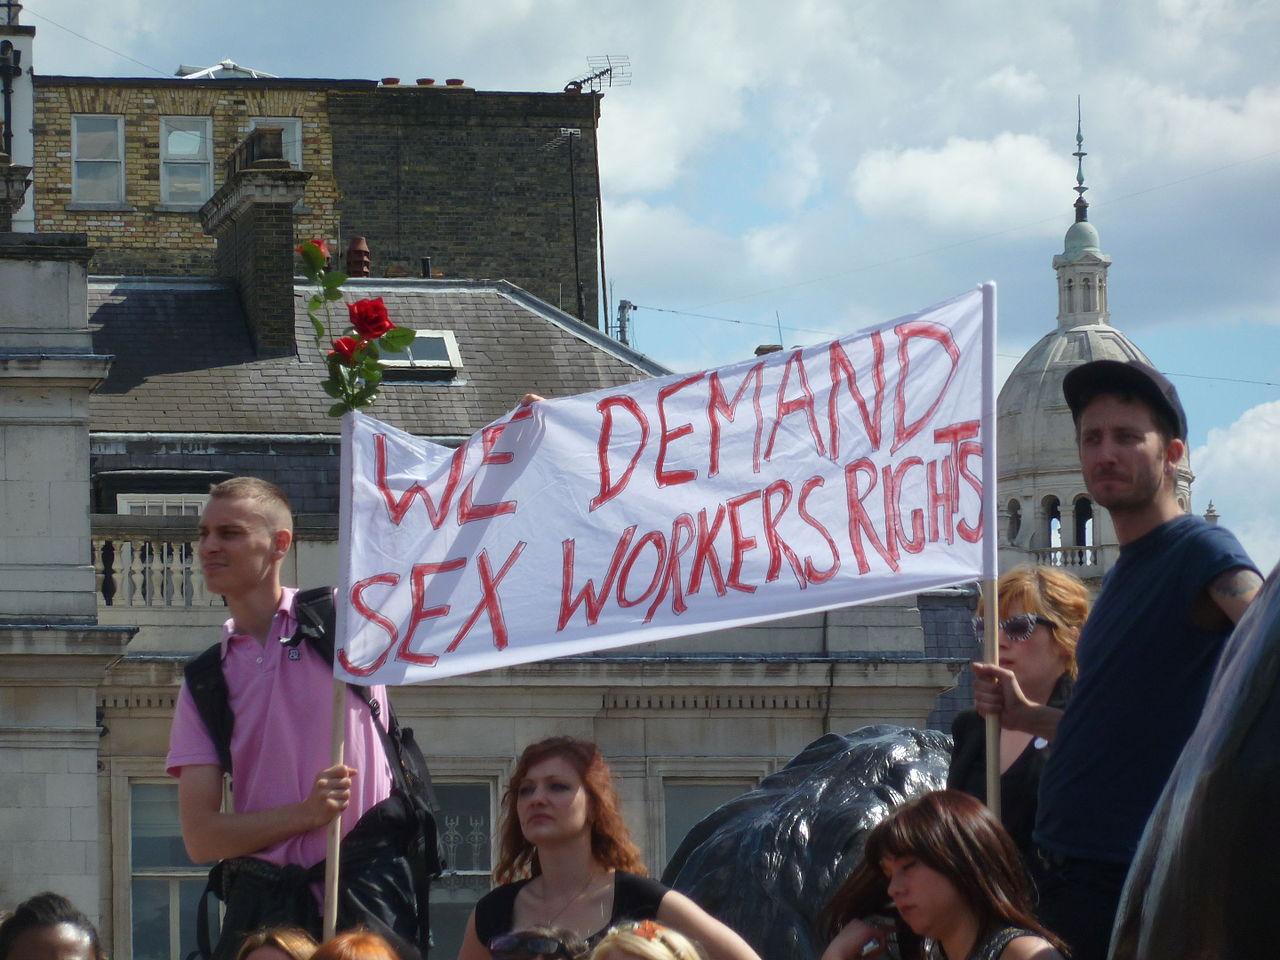 歐洲性工作者陷入困境要求勞工權(圖/msmornington/CC BY-SA 2.0)